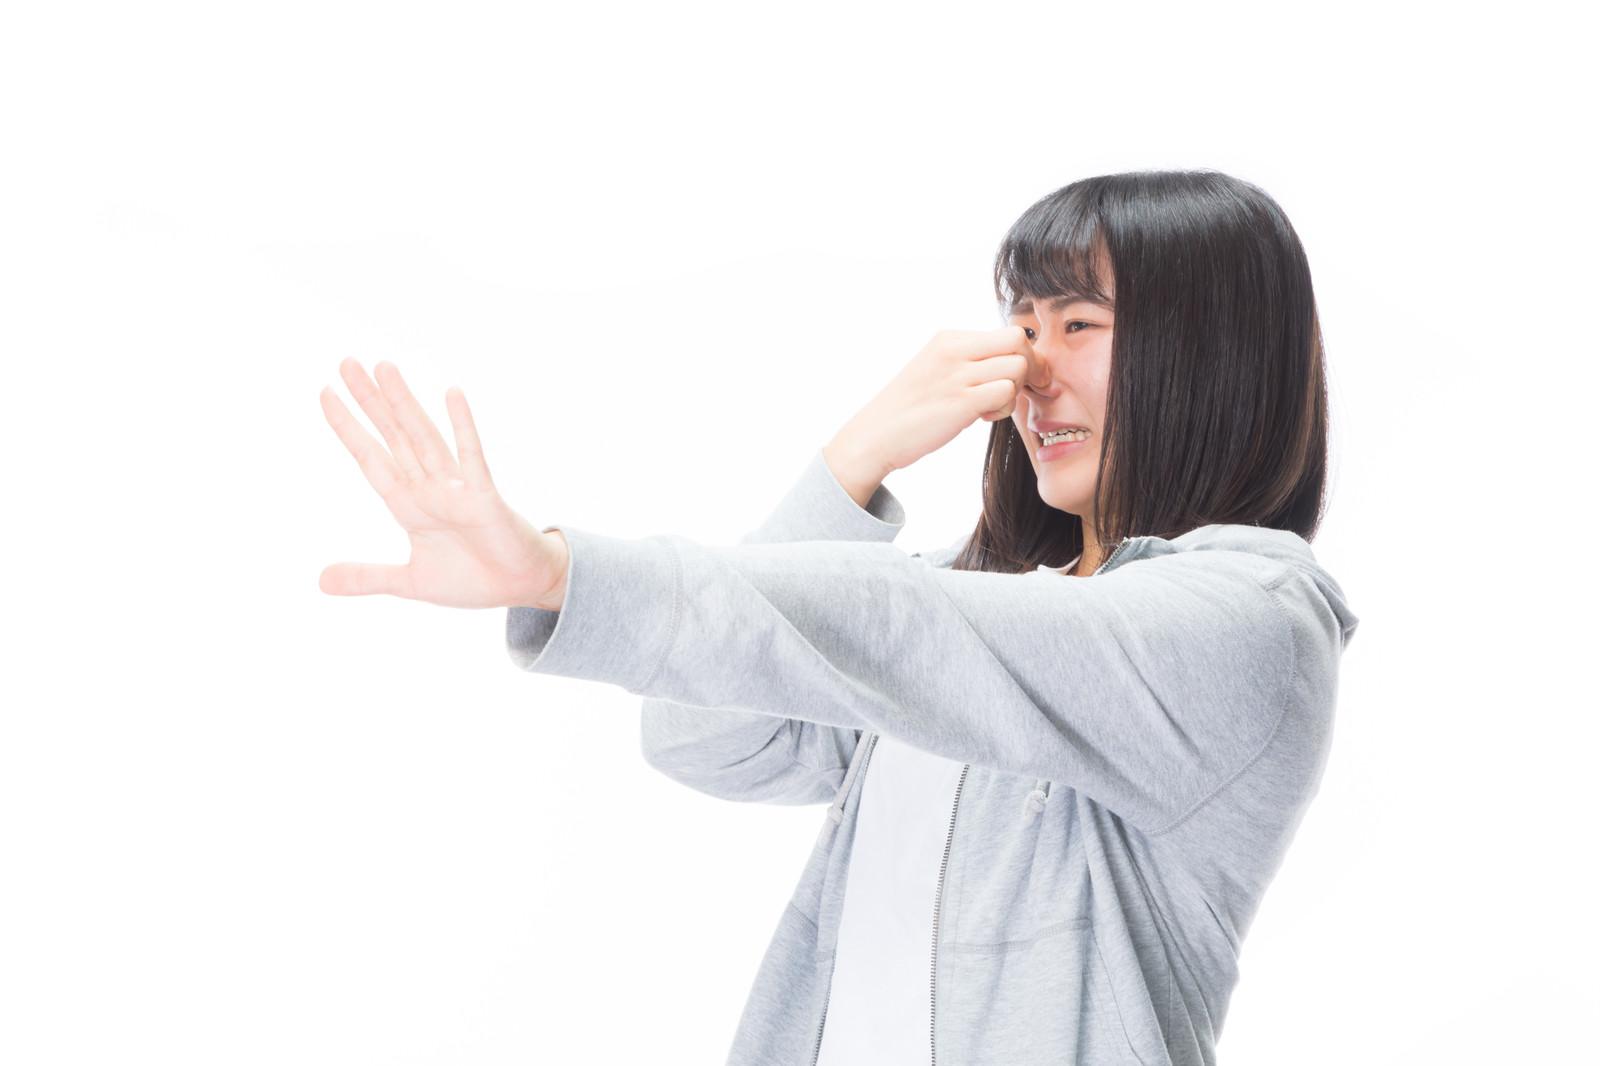 イノシシ駆除に効果のある忌避剤はどんな臭い?